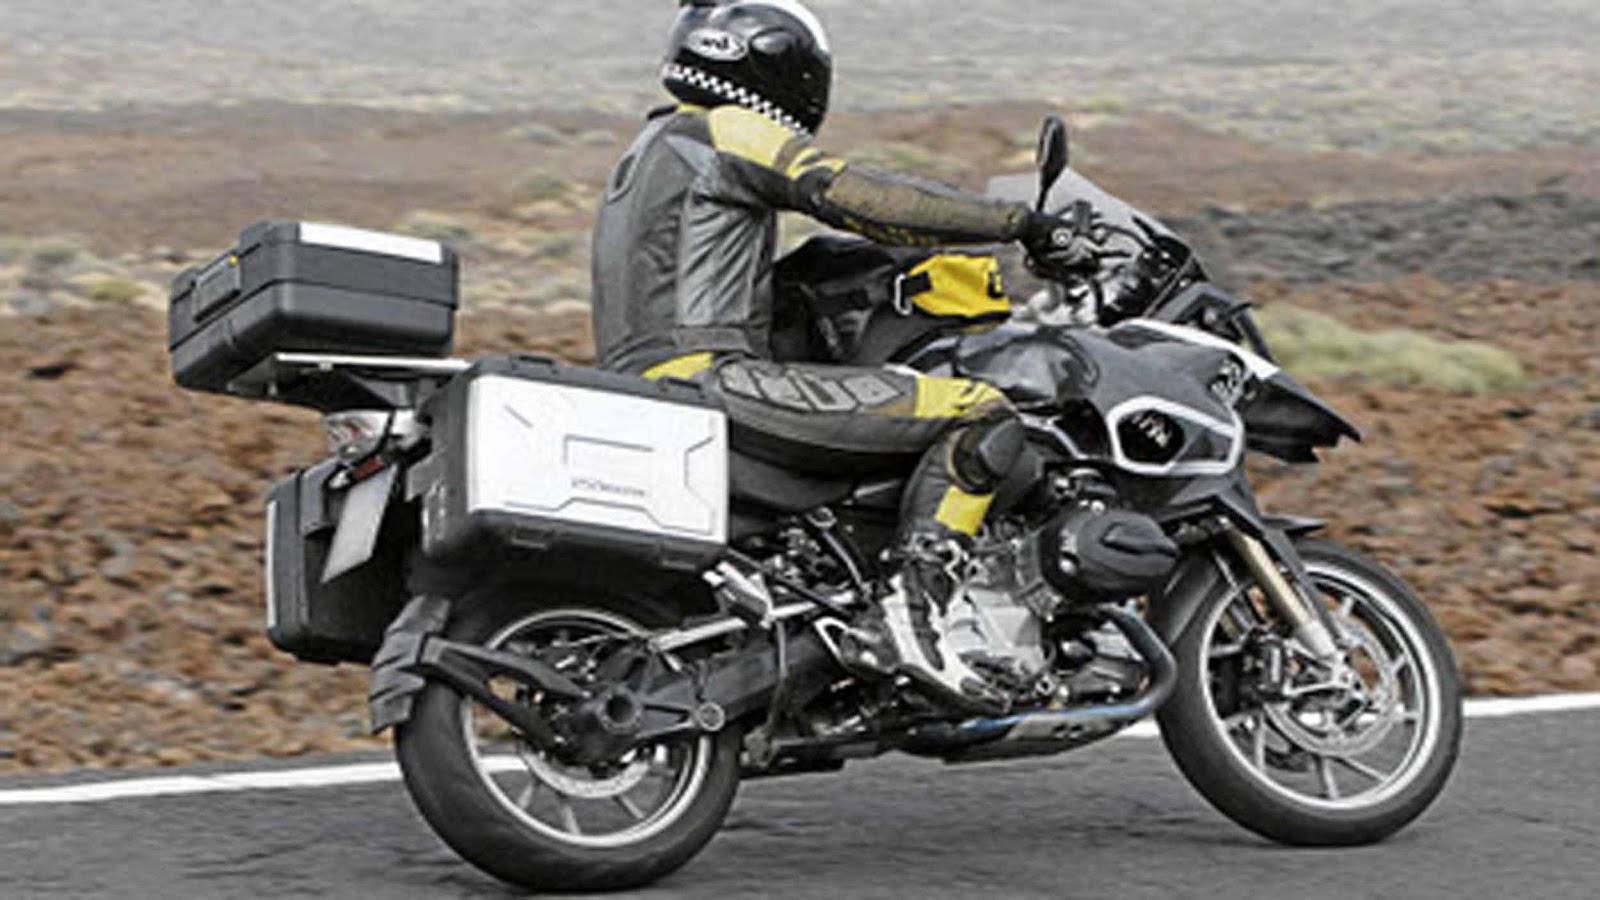 2013 bmw r1250gs motor bike motor bikes. Black Bedroom Furniture Sets. Home Design Ideas